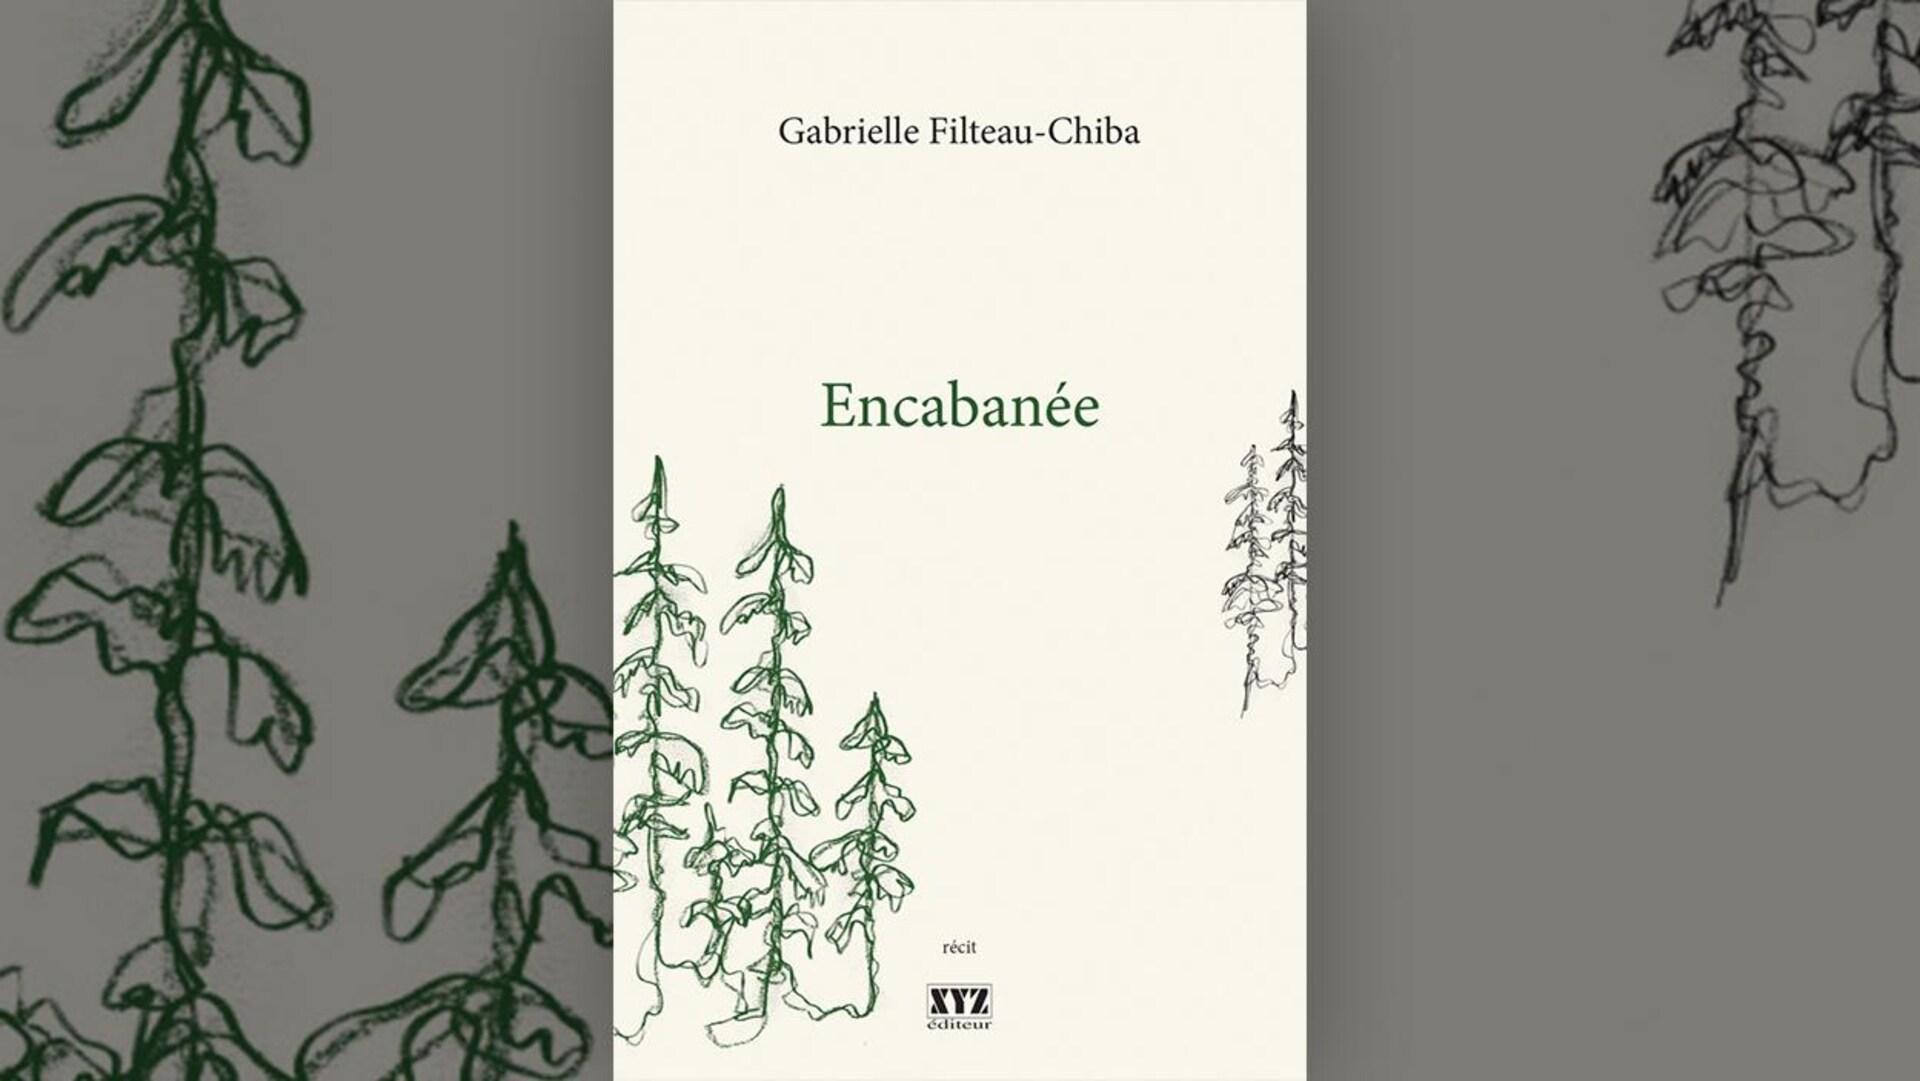 Image de la couverture du livre « Encabanée » de Gabrielle Filteau-Chiba : trois silhouettes de conifères tracées au crayon vert au premier plan, deux conifères stylisés au crayon noir à l'arrière plan, sur fond écru.